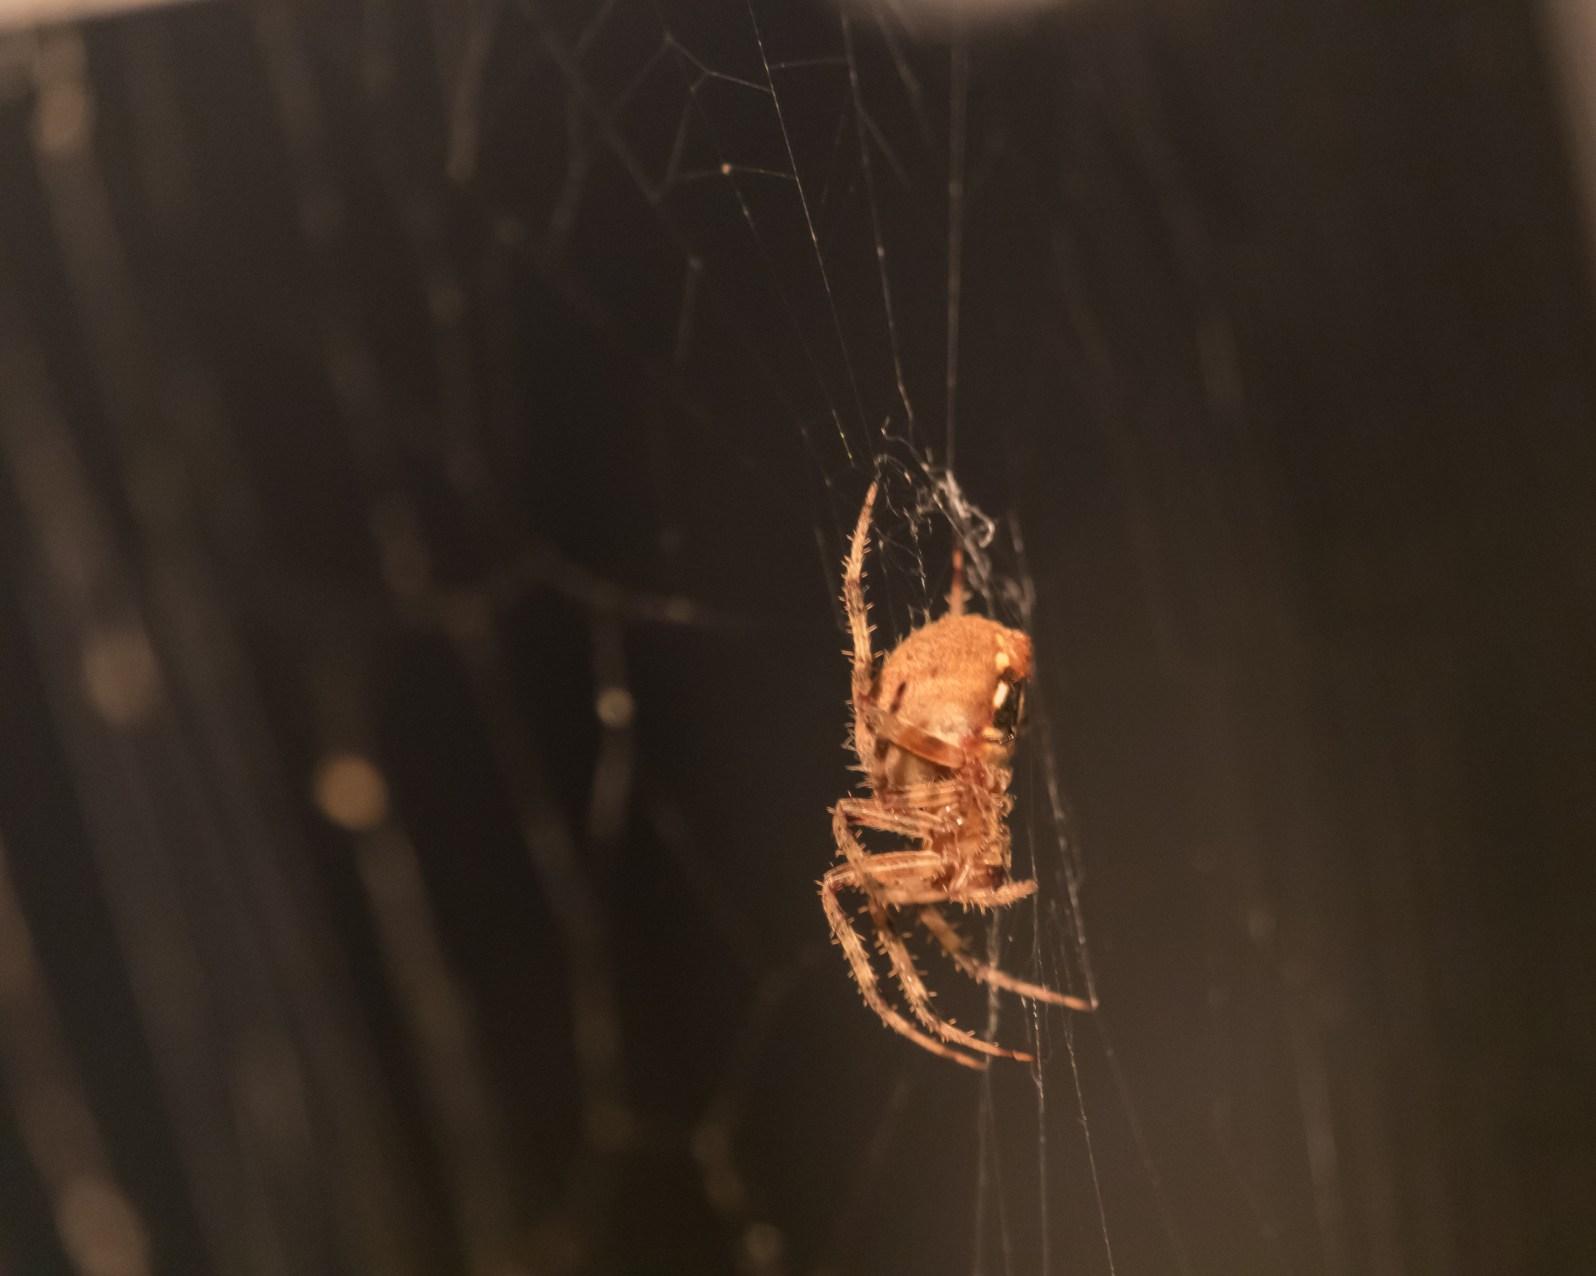 Spider_27AUG15-11